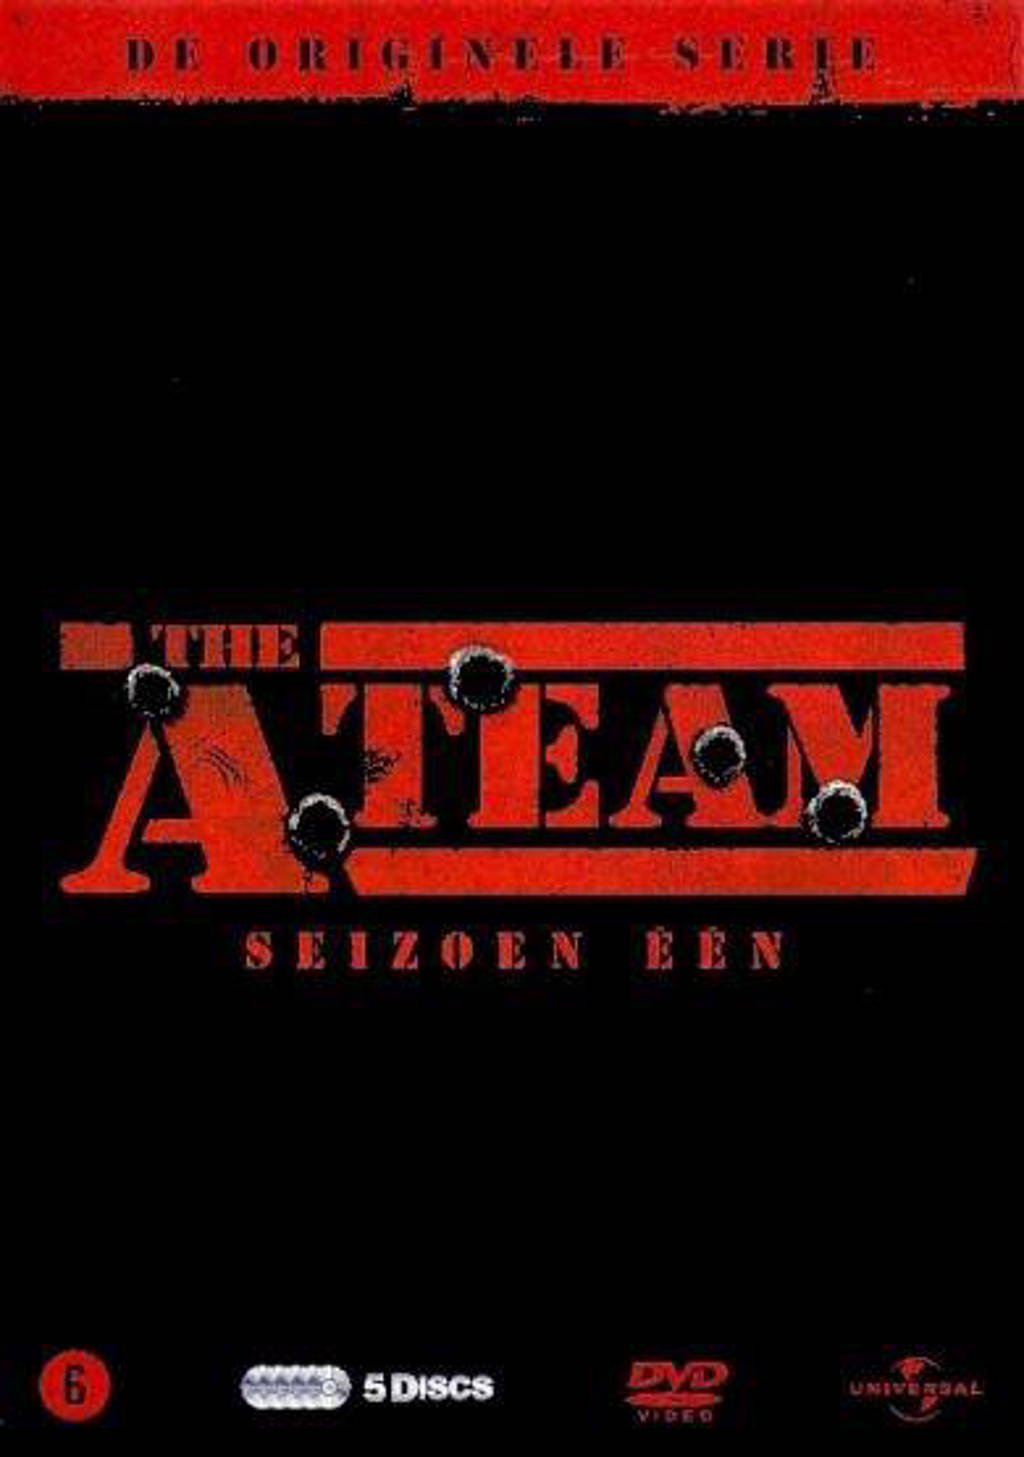 A-team - Seizoen 1 (DVD)